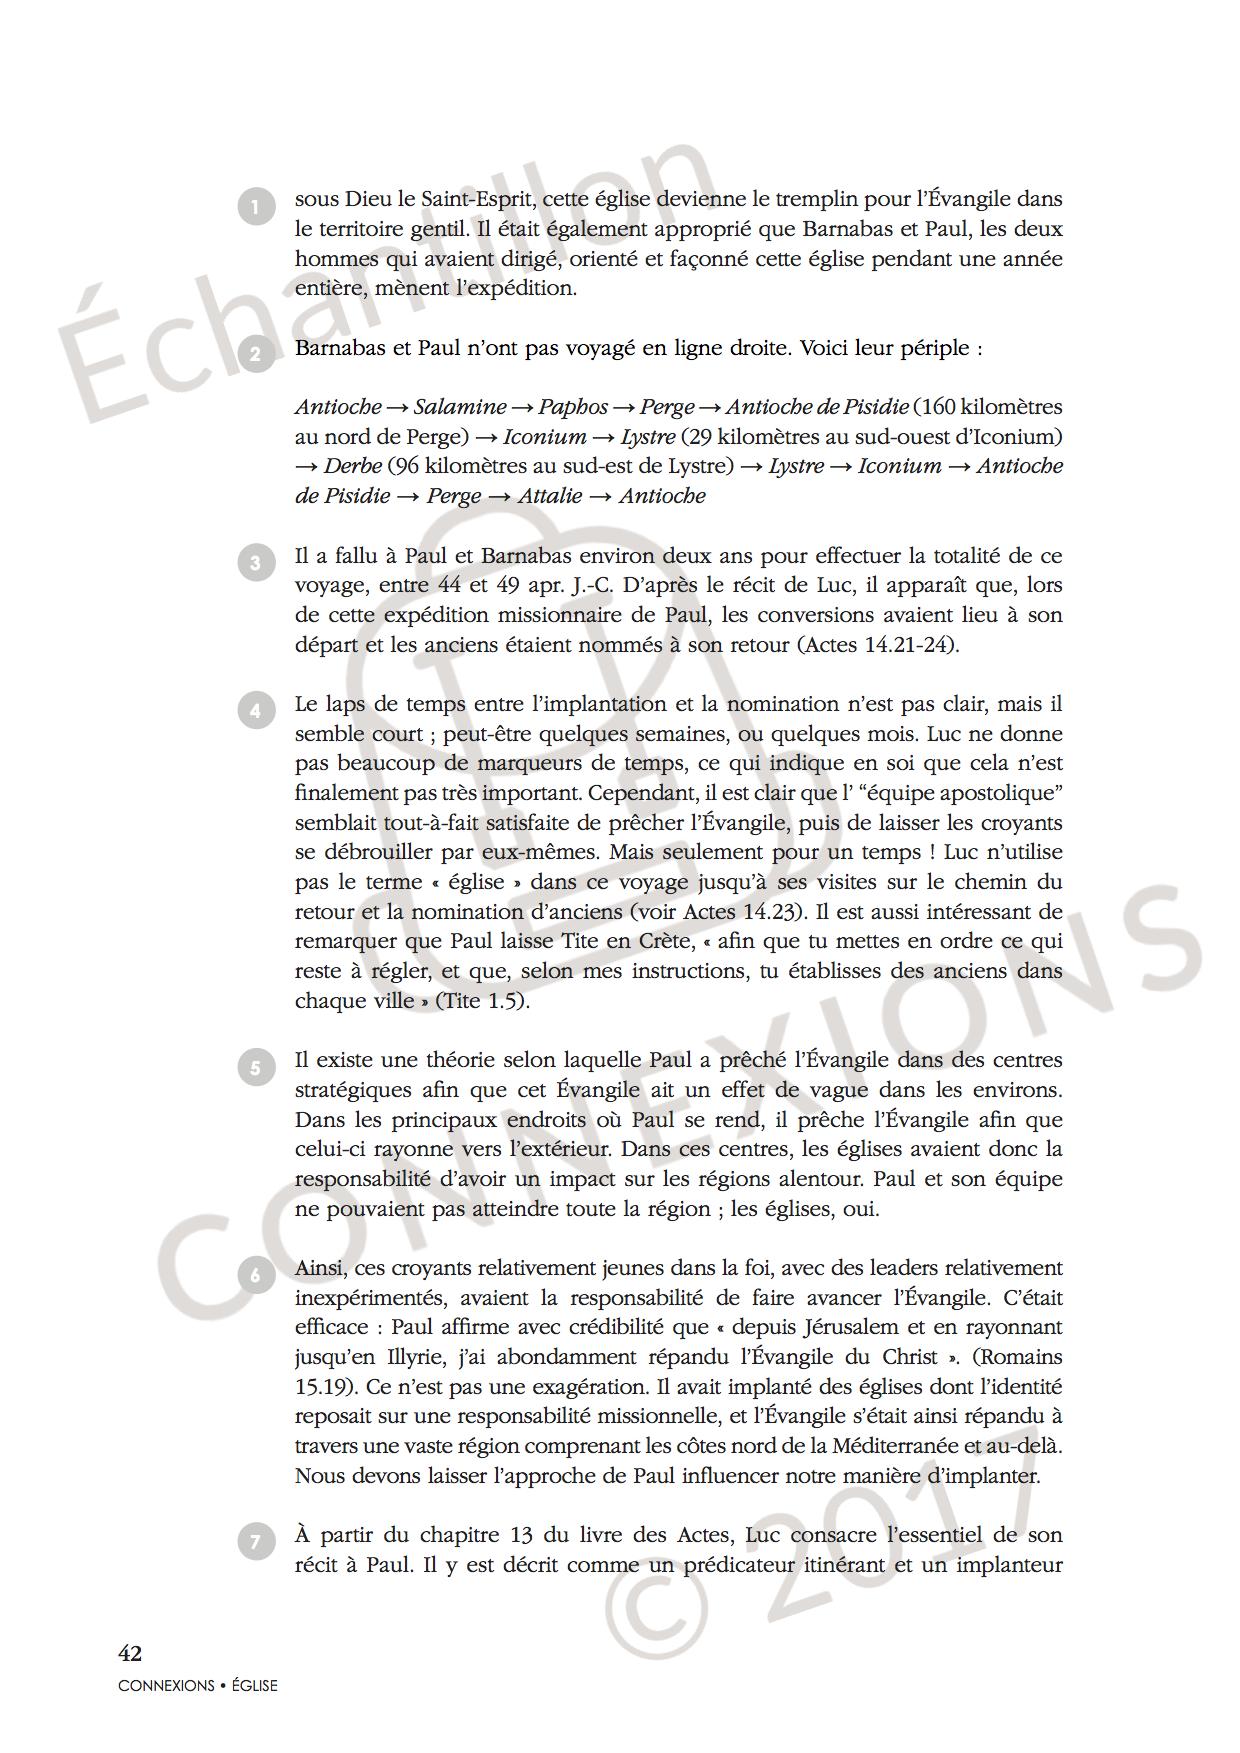 Église missionnelle et implantation d'église_sample_published.3.png